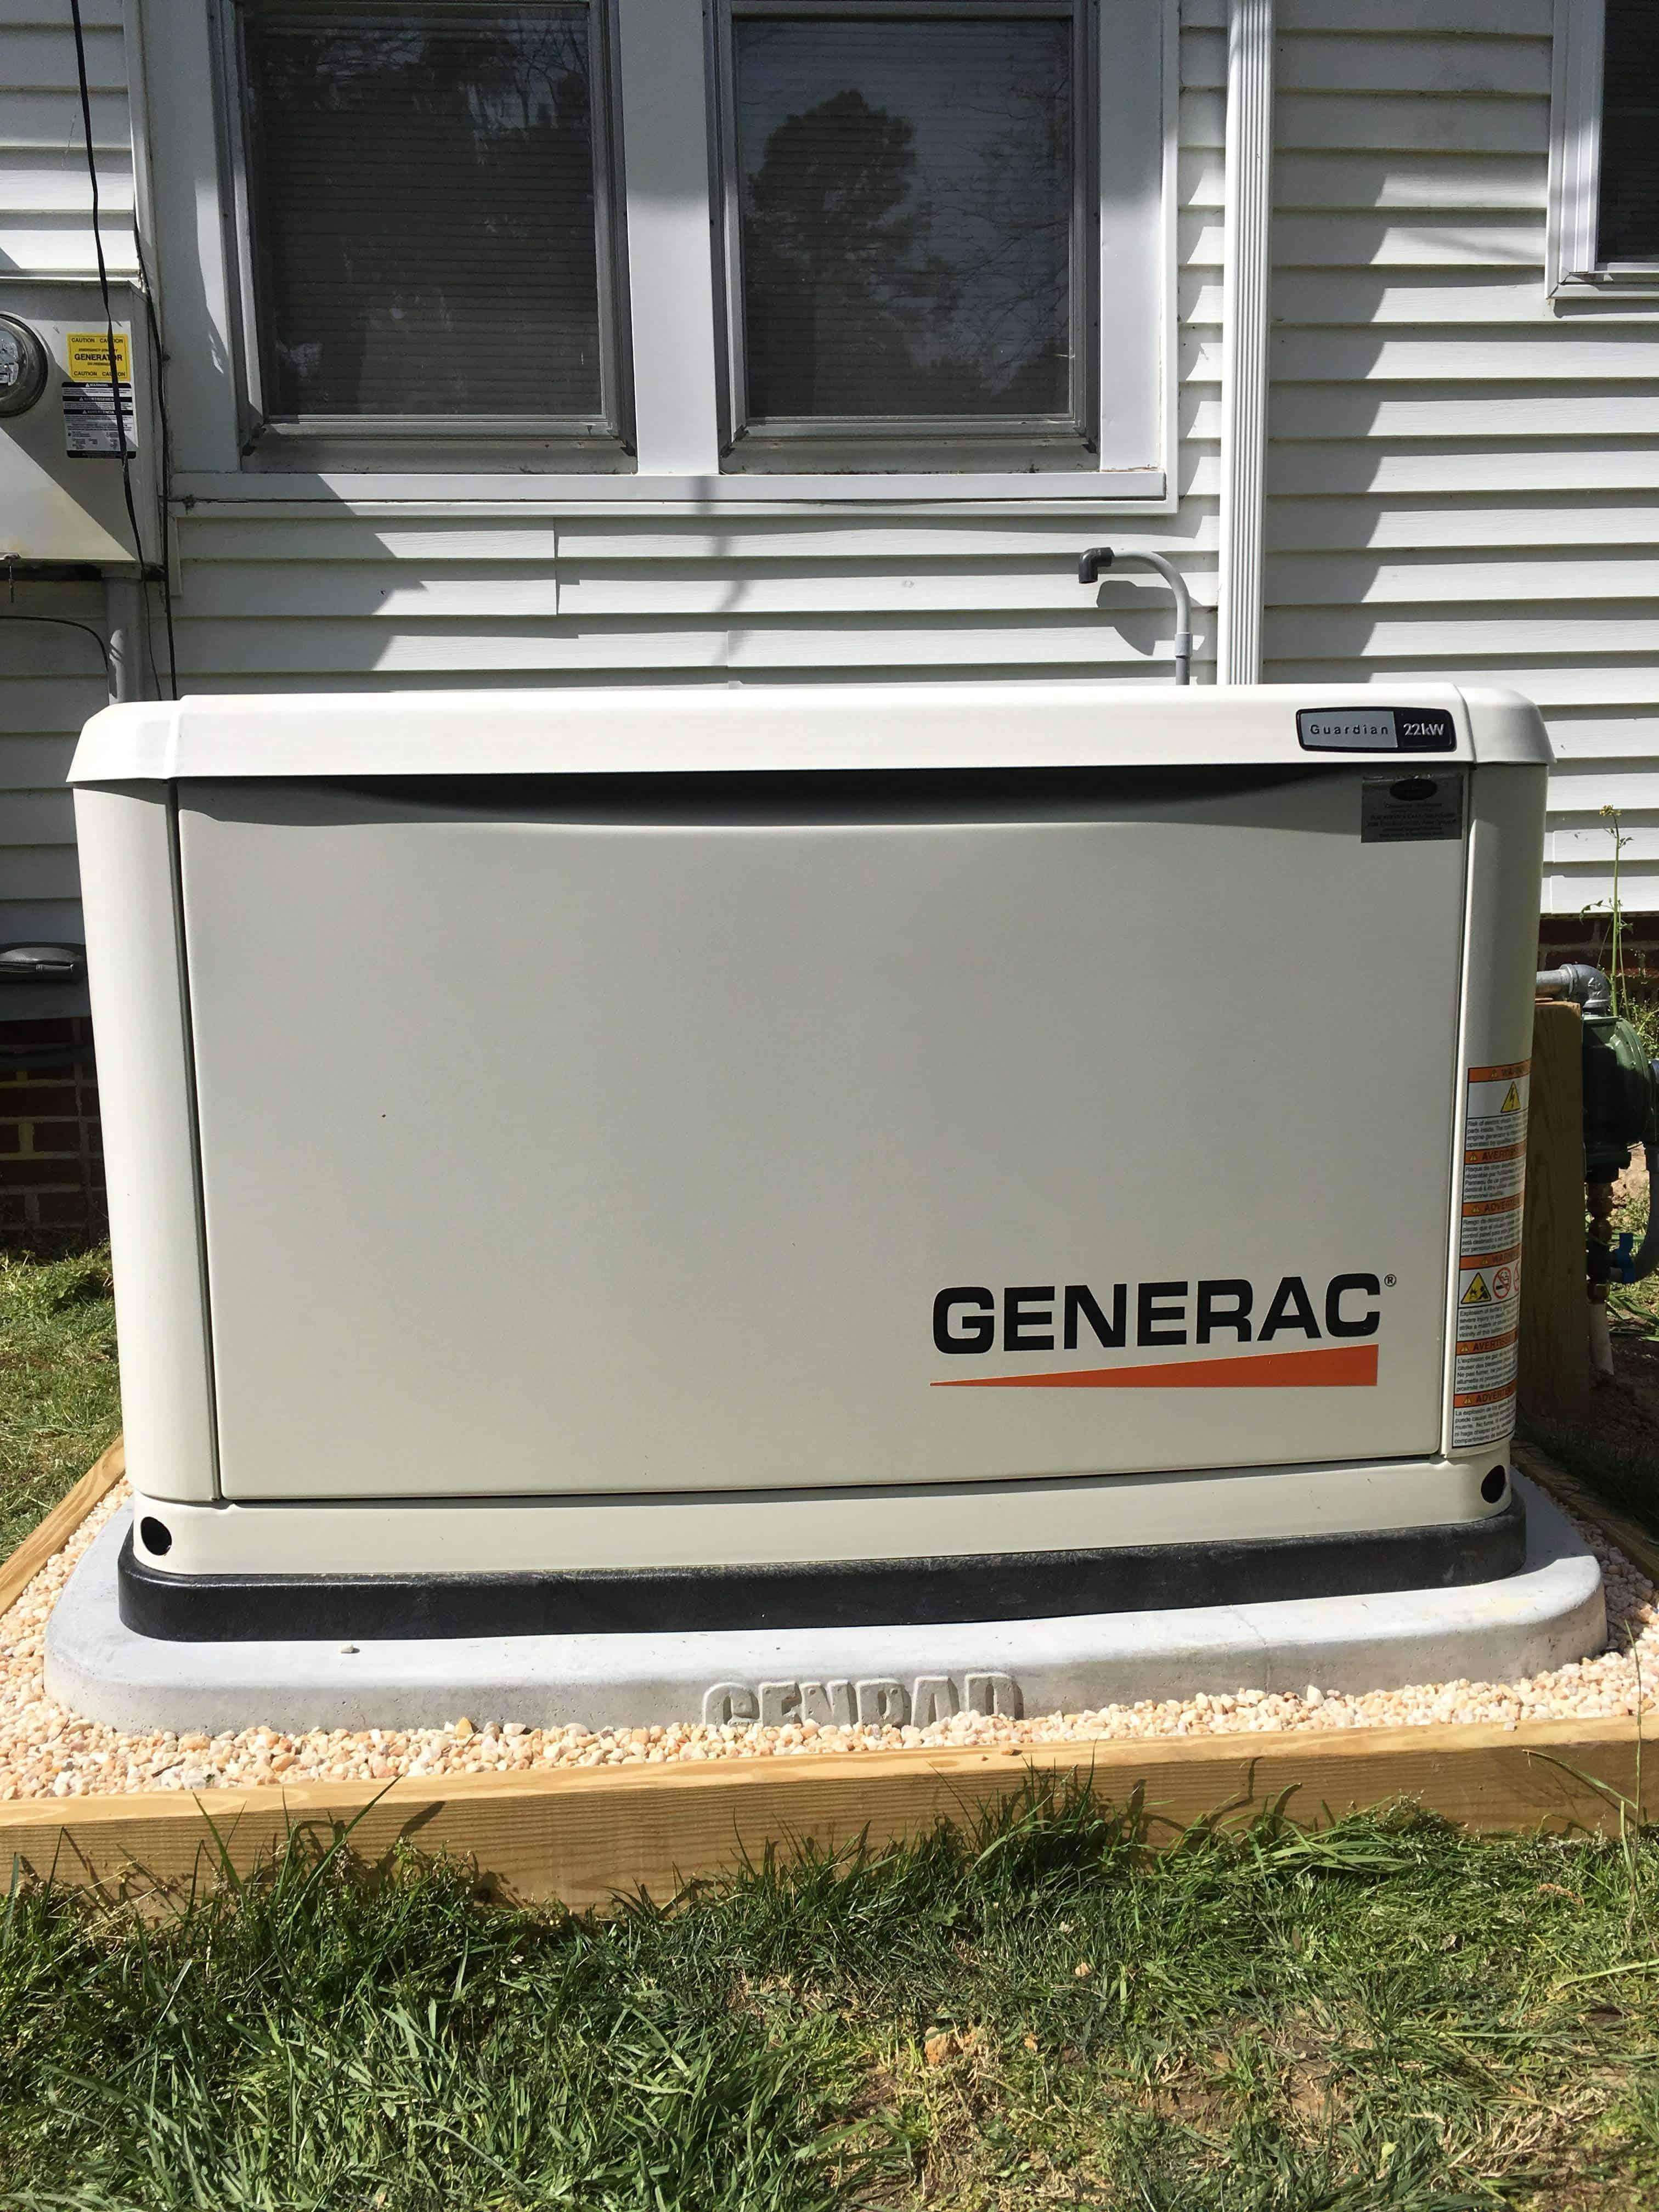 Generac Generator Southampton County